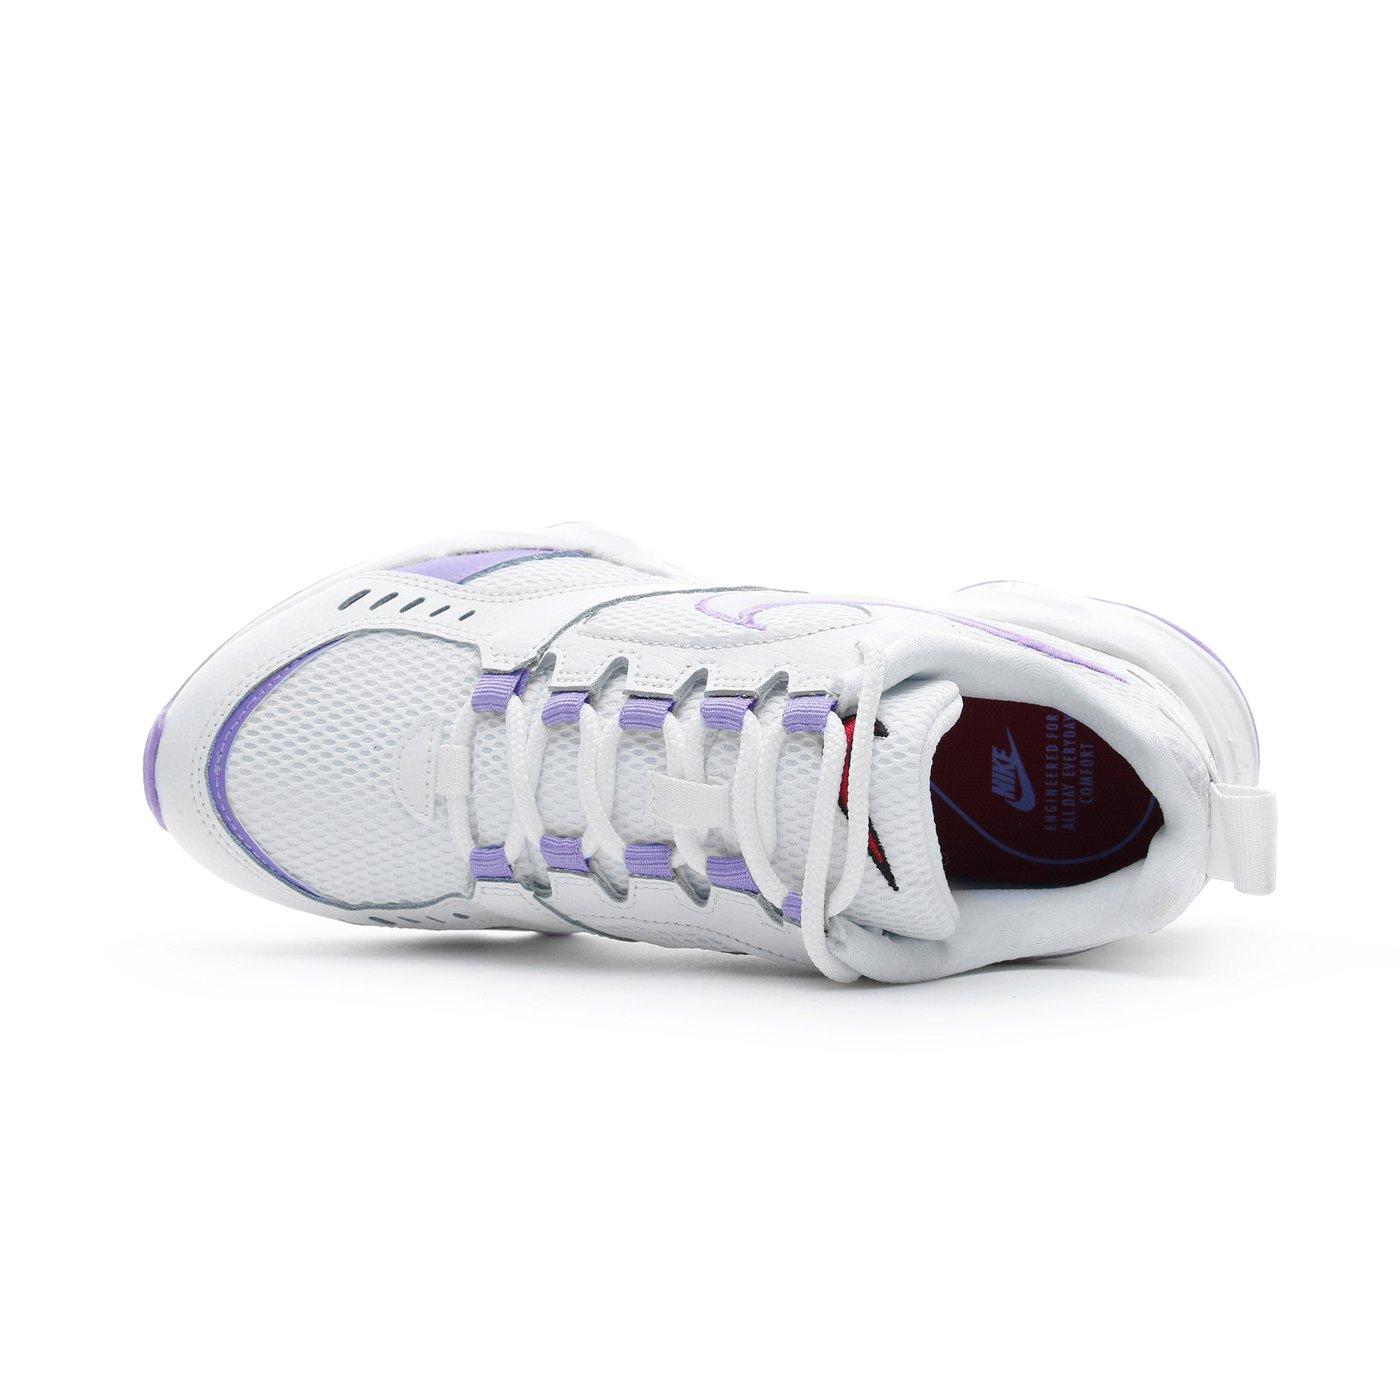 Nike Air Heights Beyaz - Mor Kadın Spor Ayakkabı